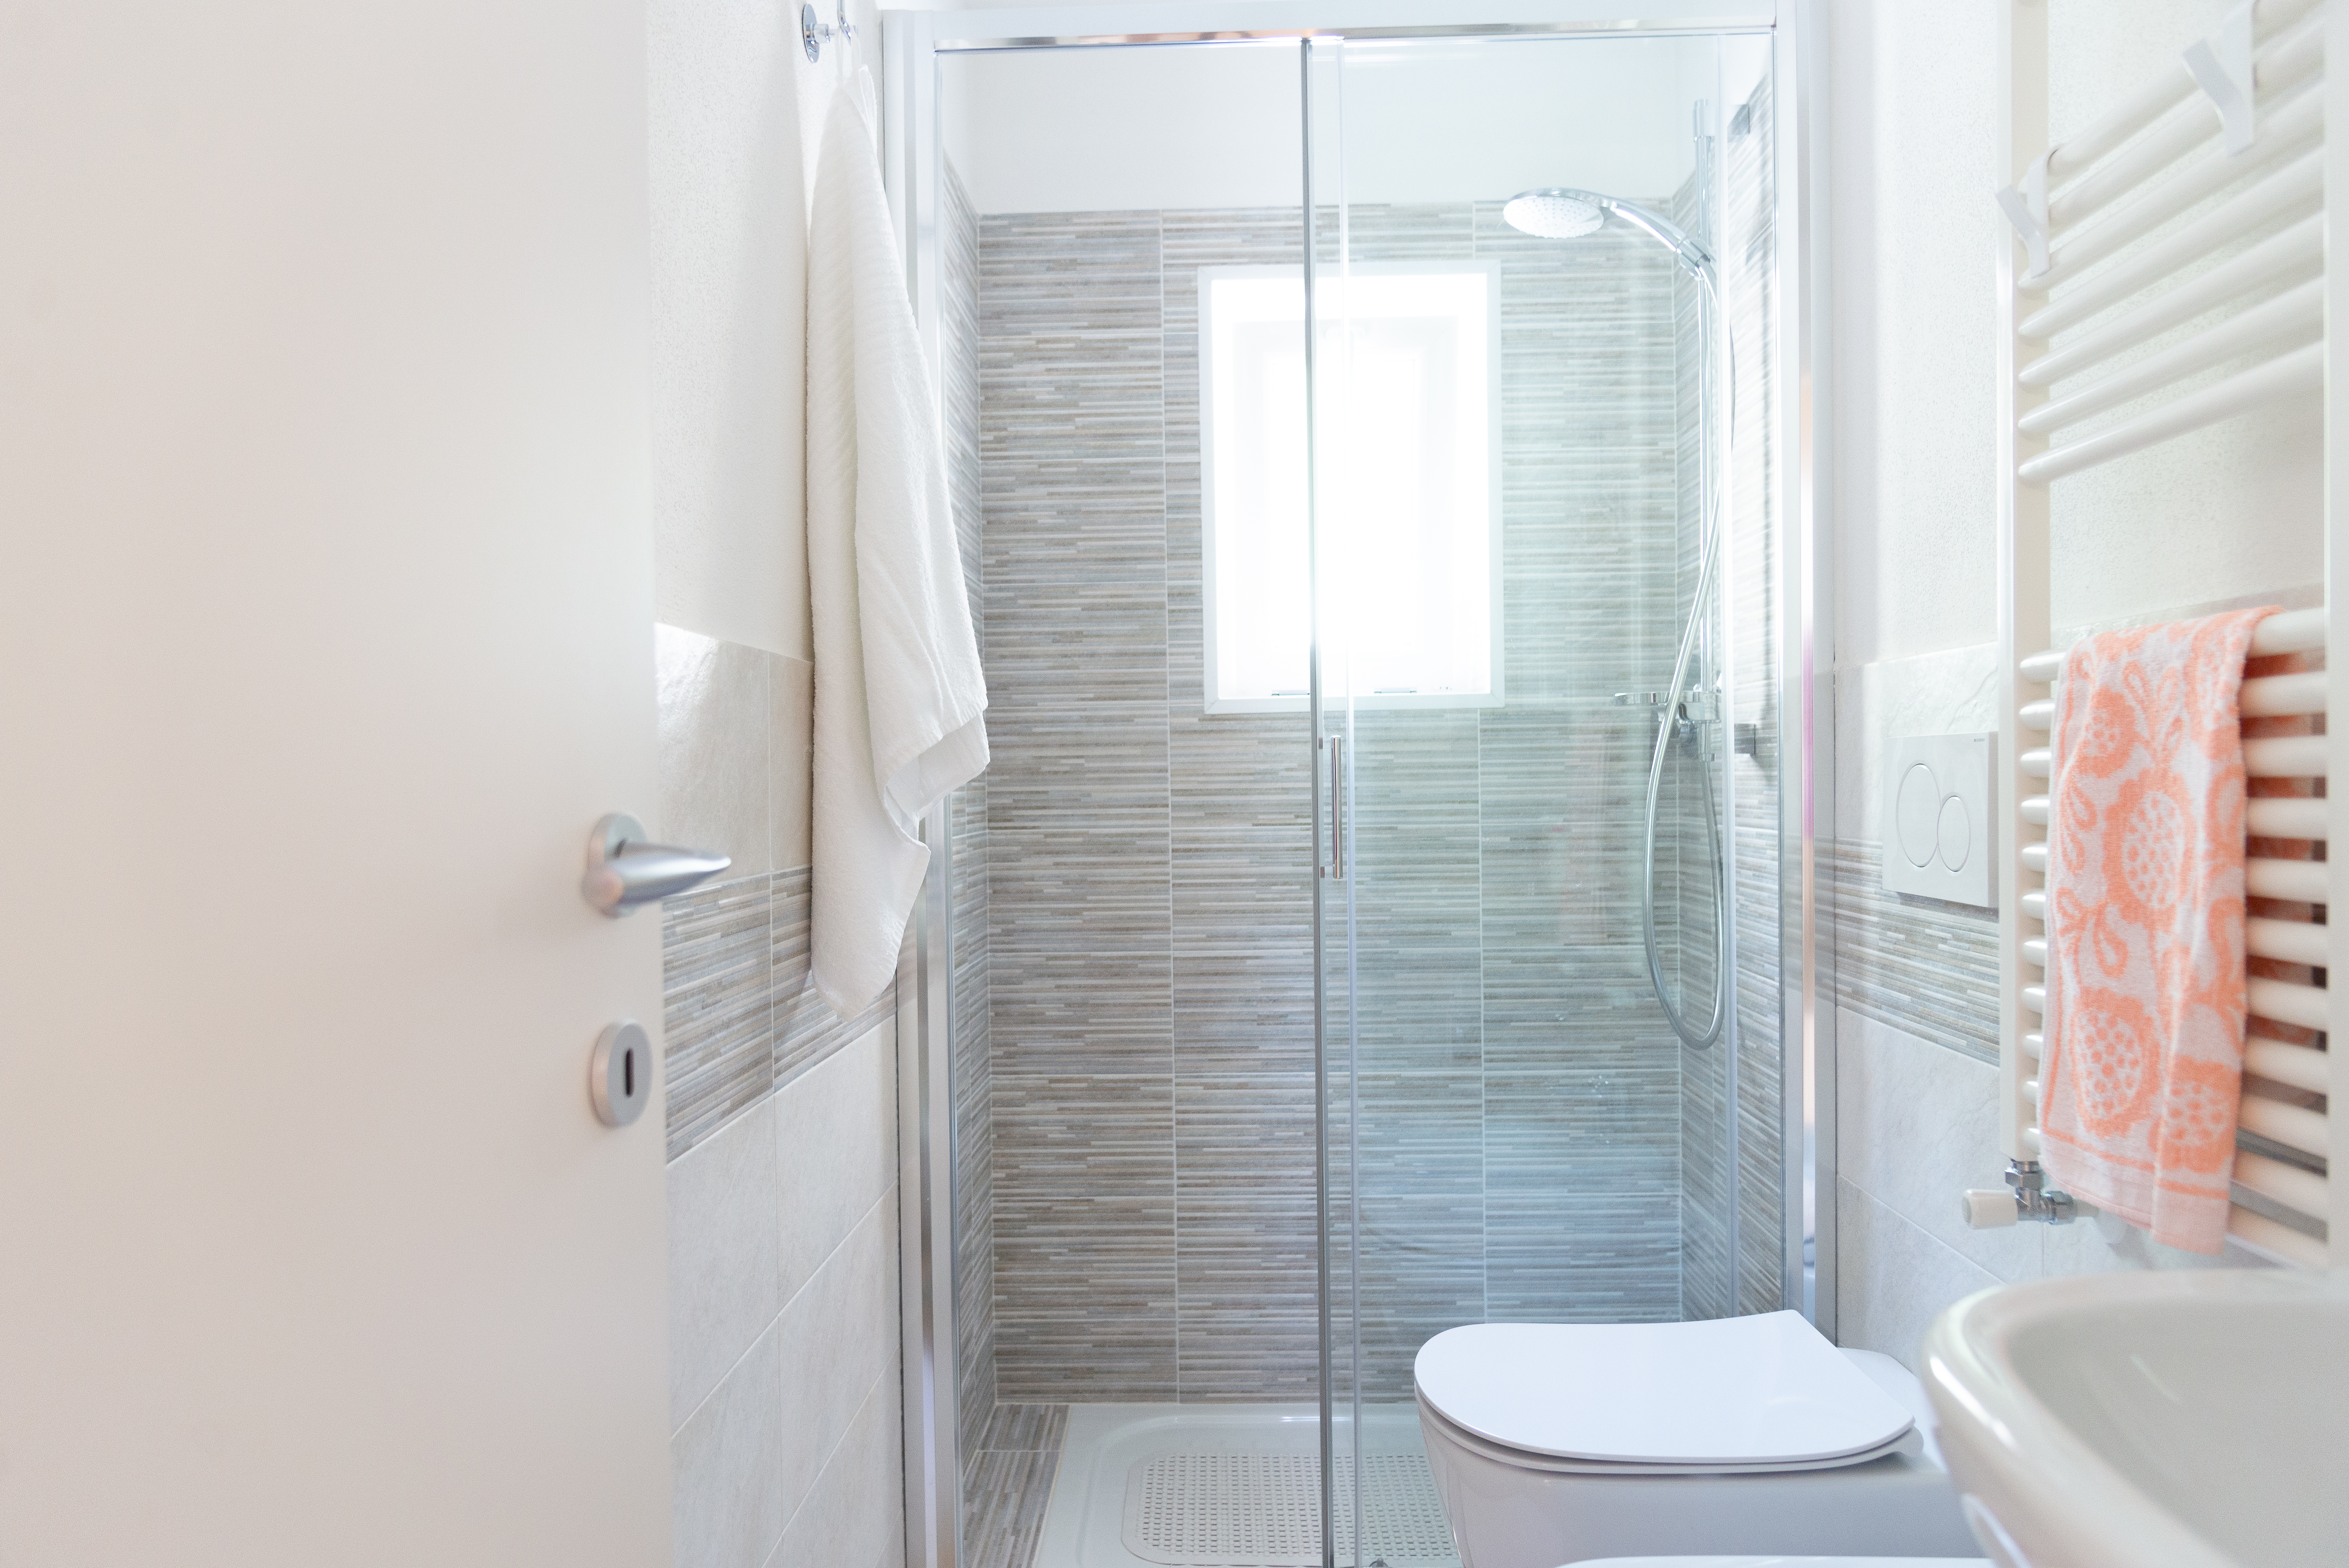 Bagno | Appartamento privato a Firenze